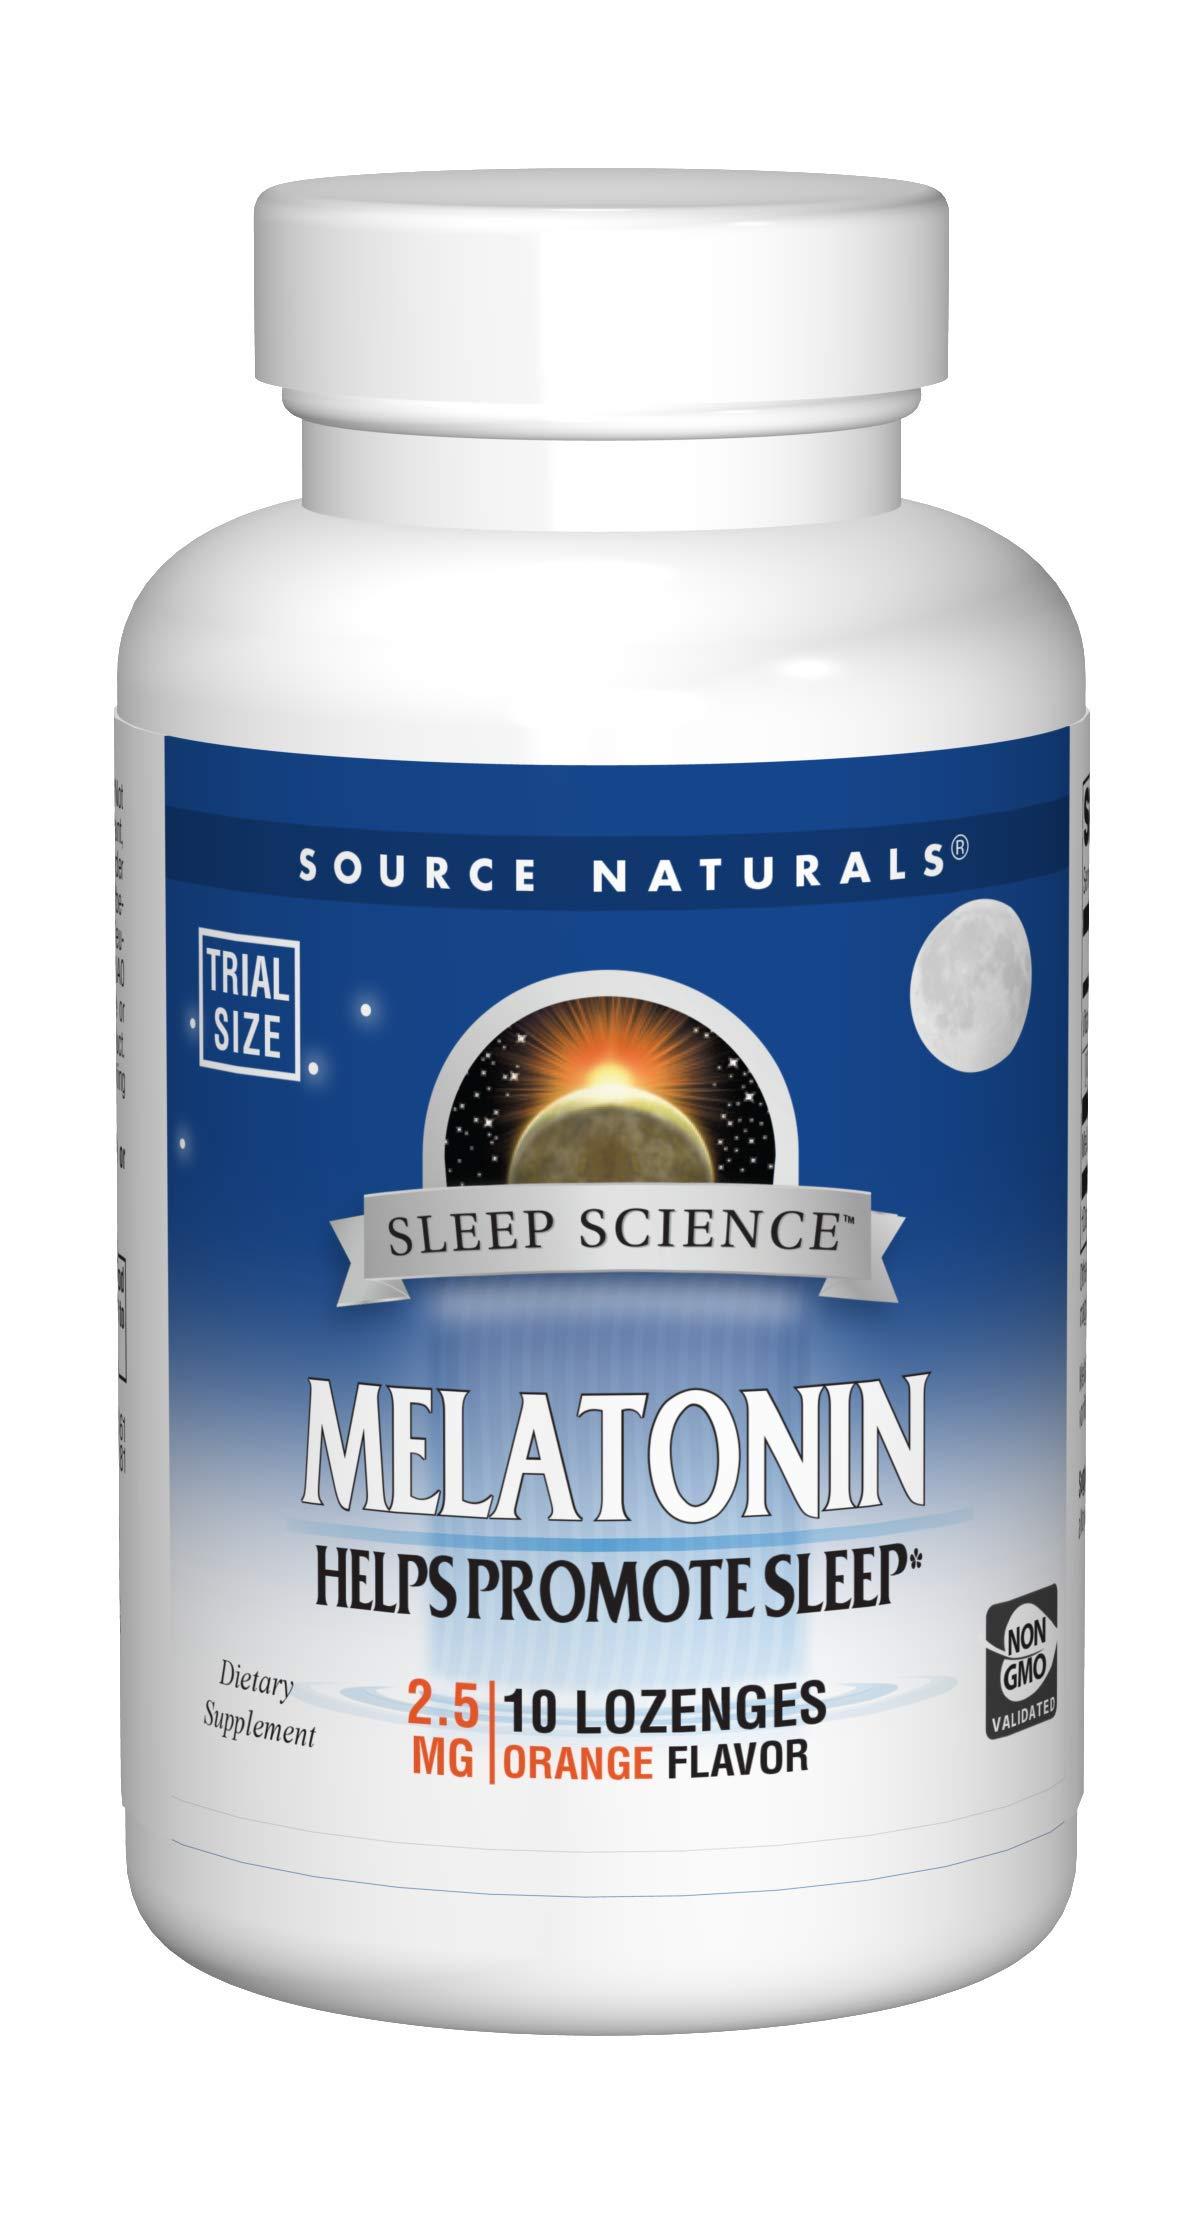 Source Naturals Melatonin 2.5mg Sleep Support, Orange Flavor - 10 Lozenges